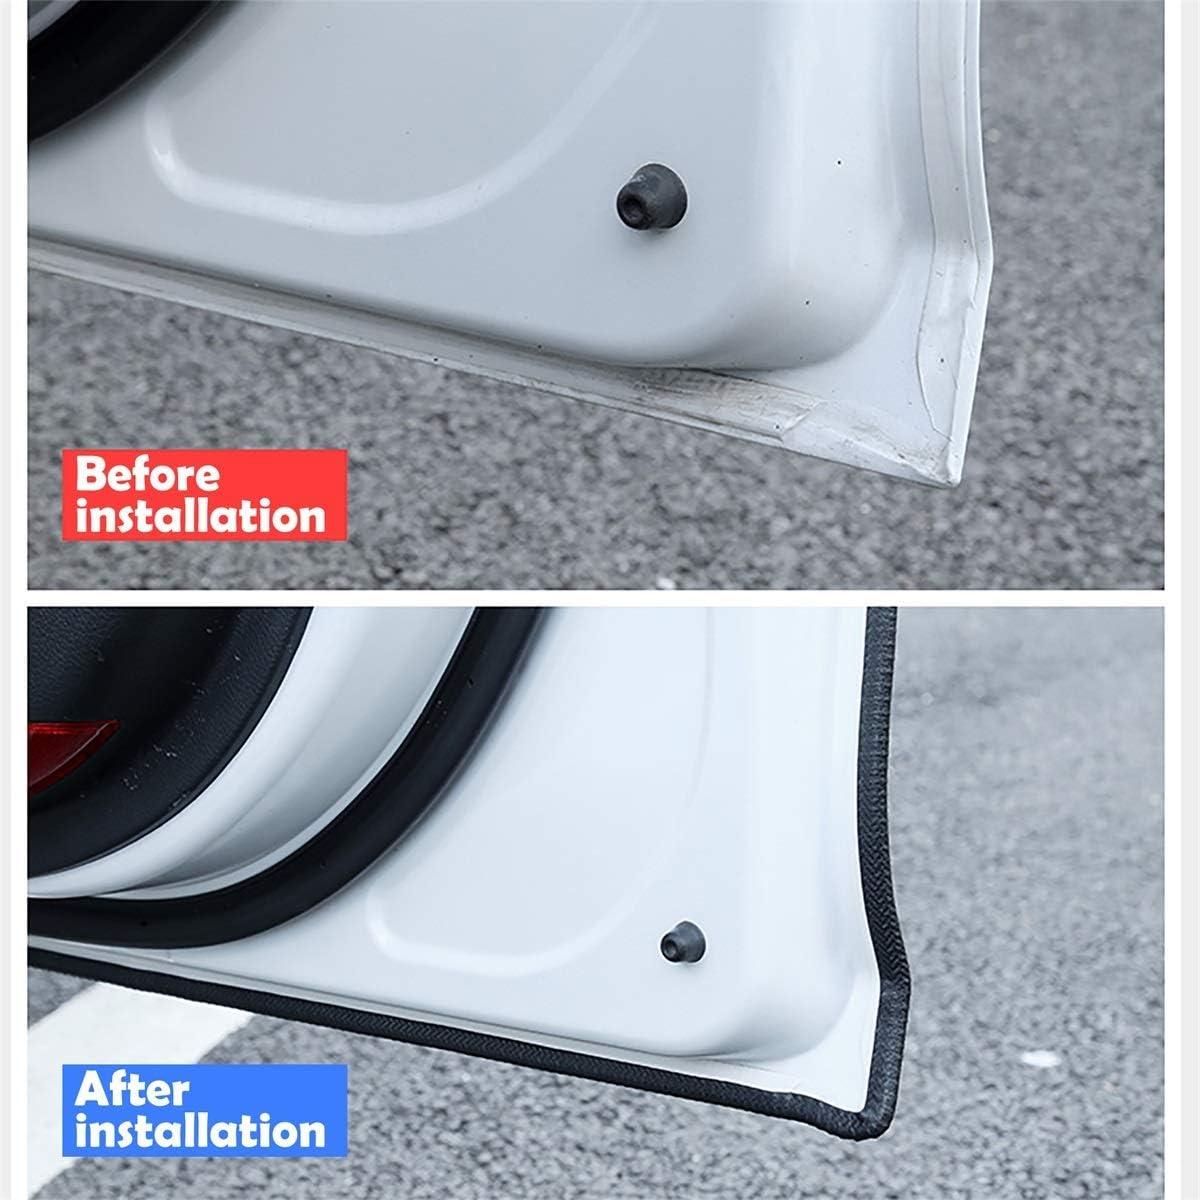 5M protezione per bordi auto YY-LC protezione per bordi in gomma a forma di U guarnizione in gomma per auto protezione per bordi profilo in gomma incluso rinforzo in metallo